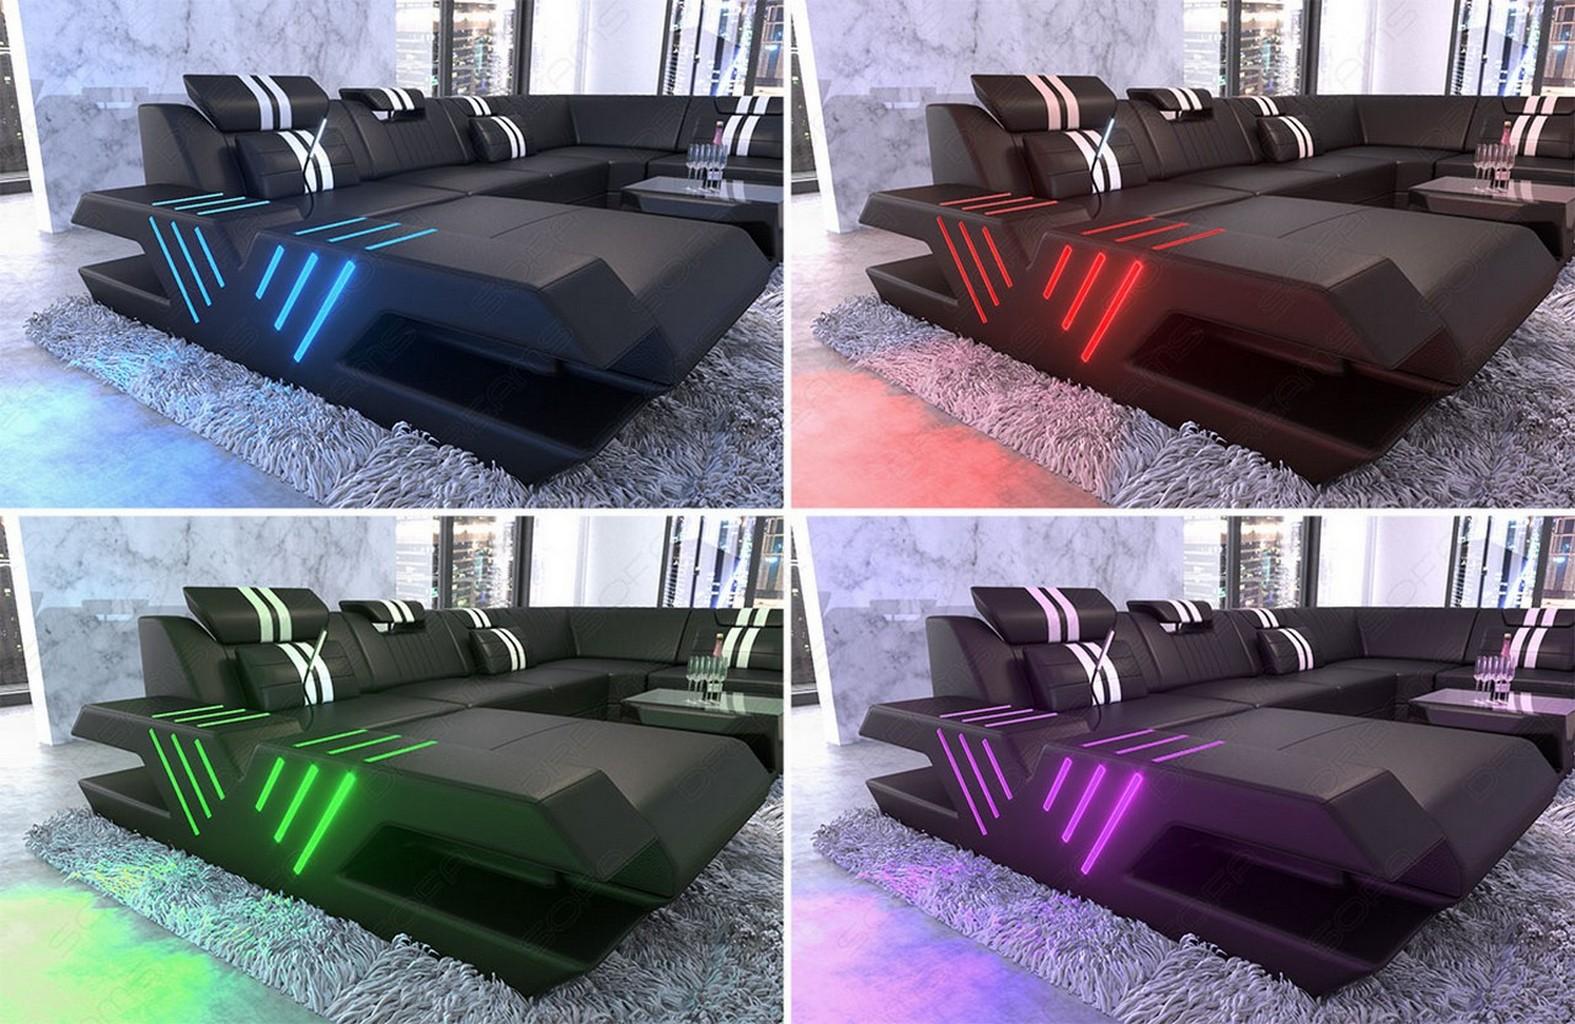 led beleuchtung f r sofas. Black Bedroom Furniture Sets. Home Design Ideas